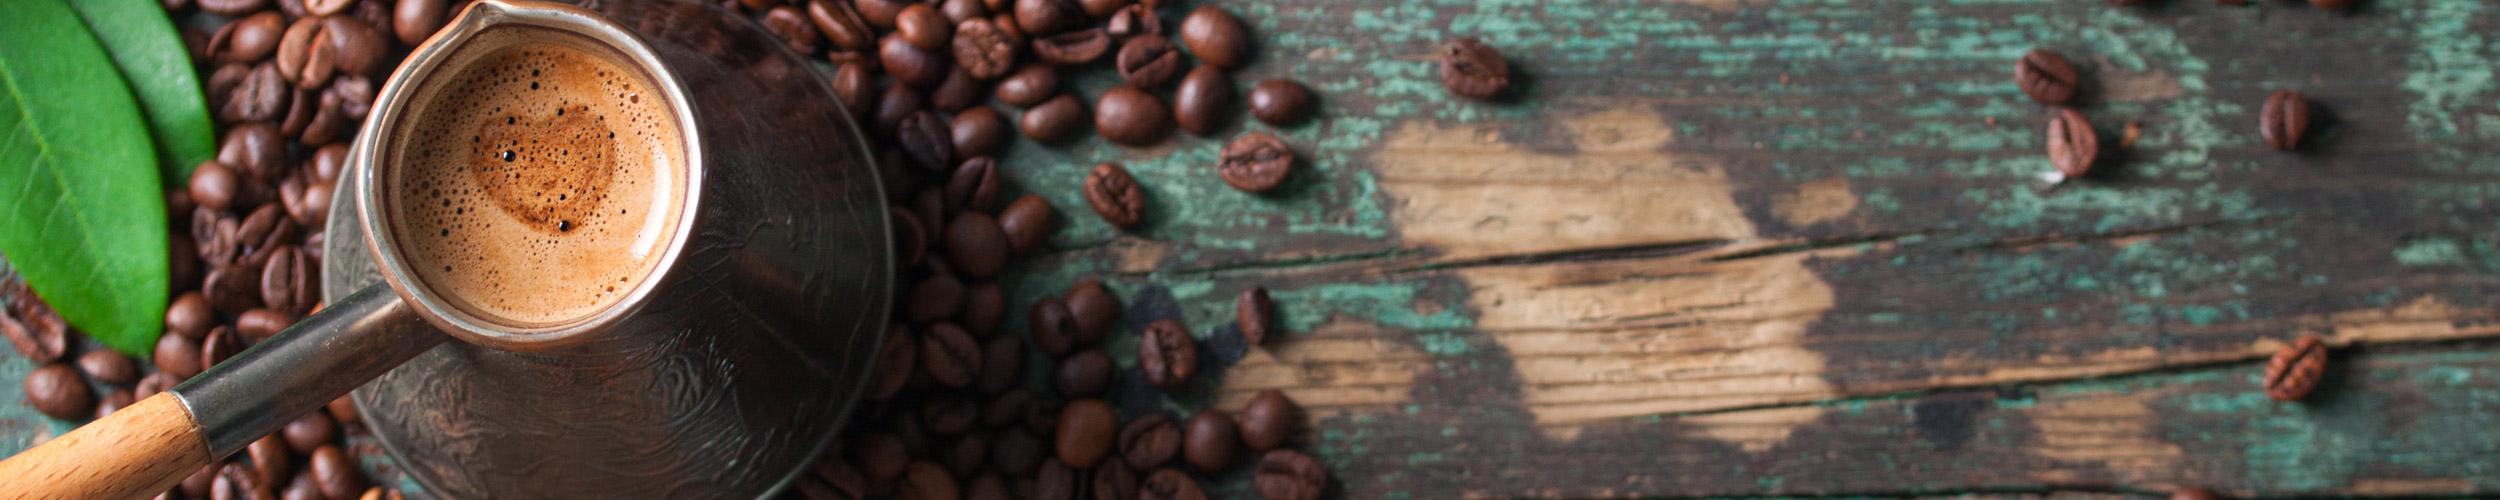 Kfee Koffie Blog